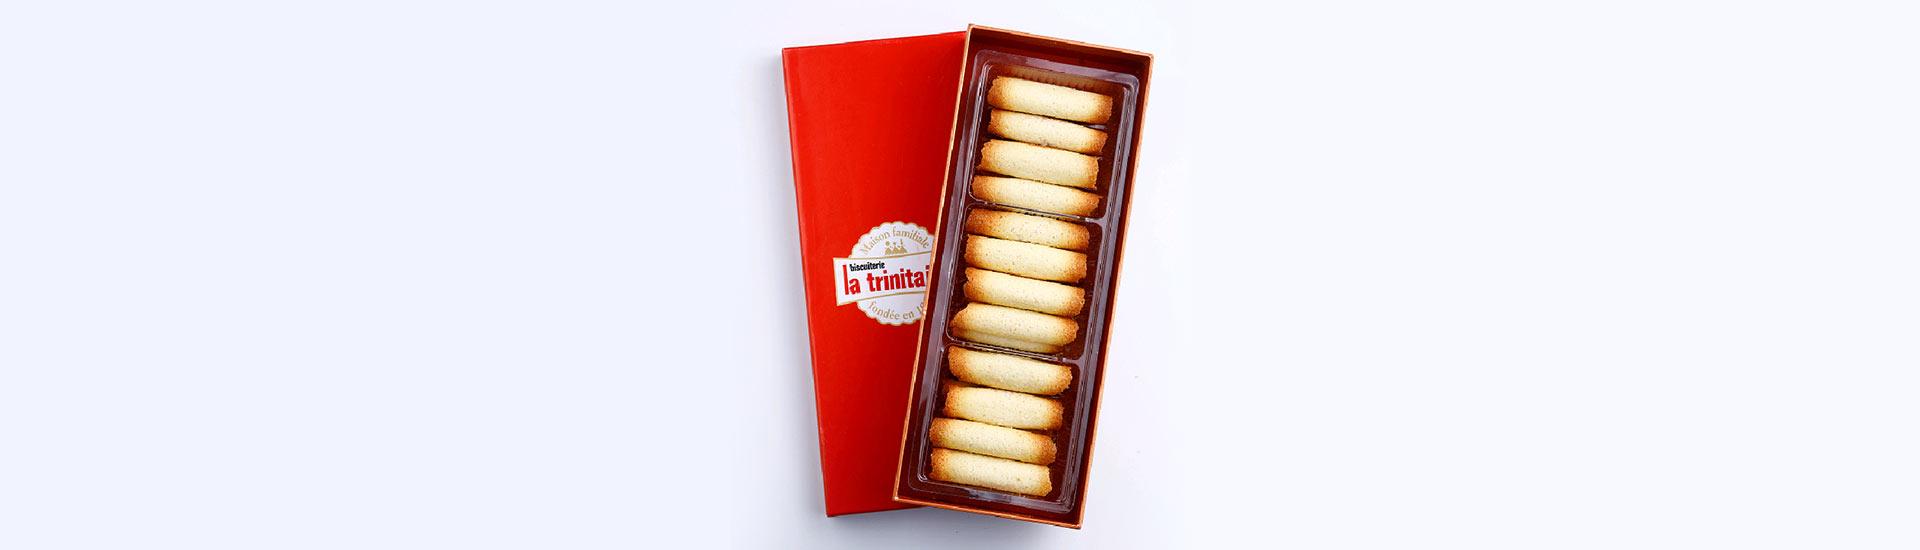 復興館B3 La trinitaine布列塔尼餅乾 新品優惠